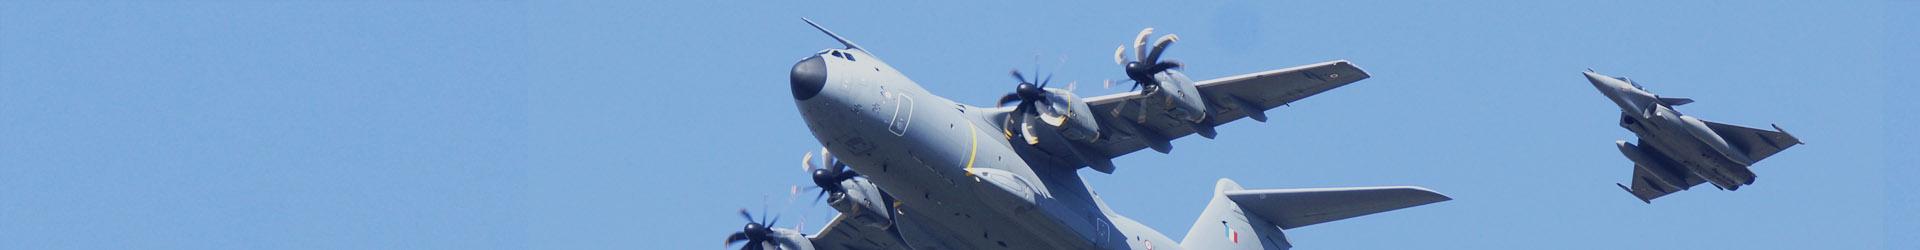 Header nieuws - Belgian Air Force Association